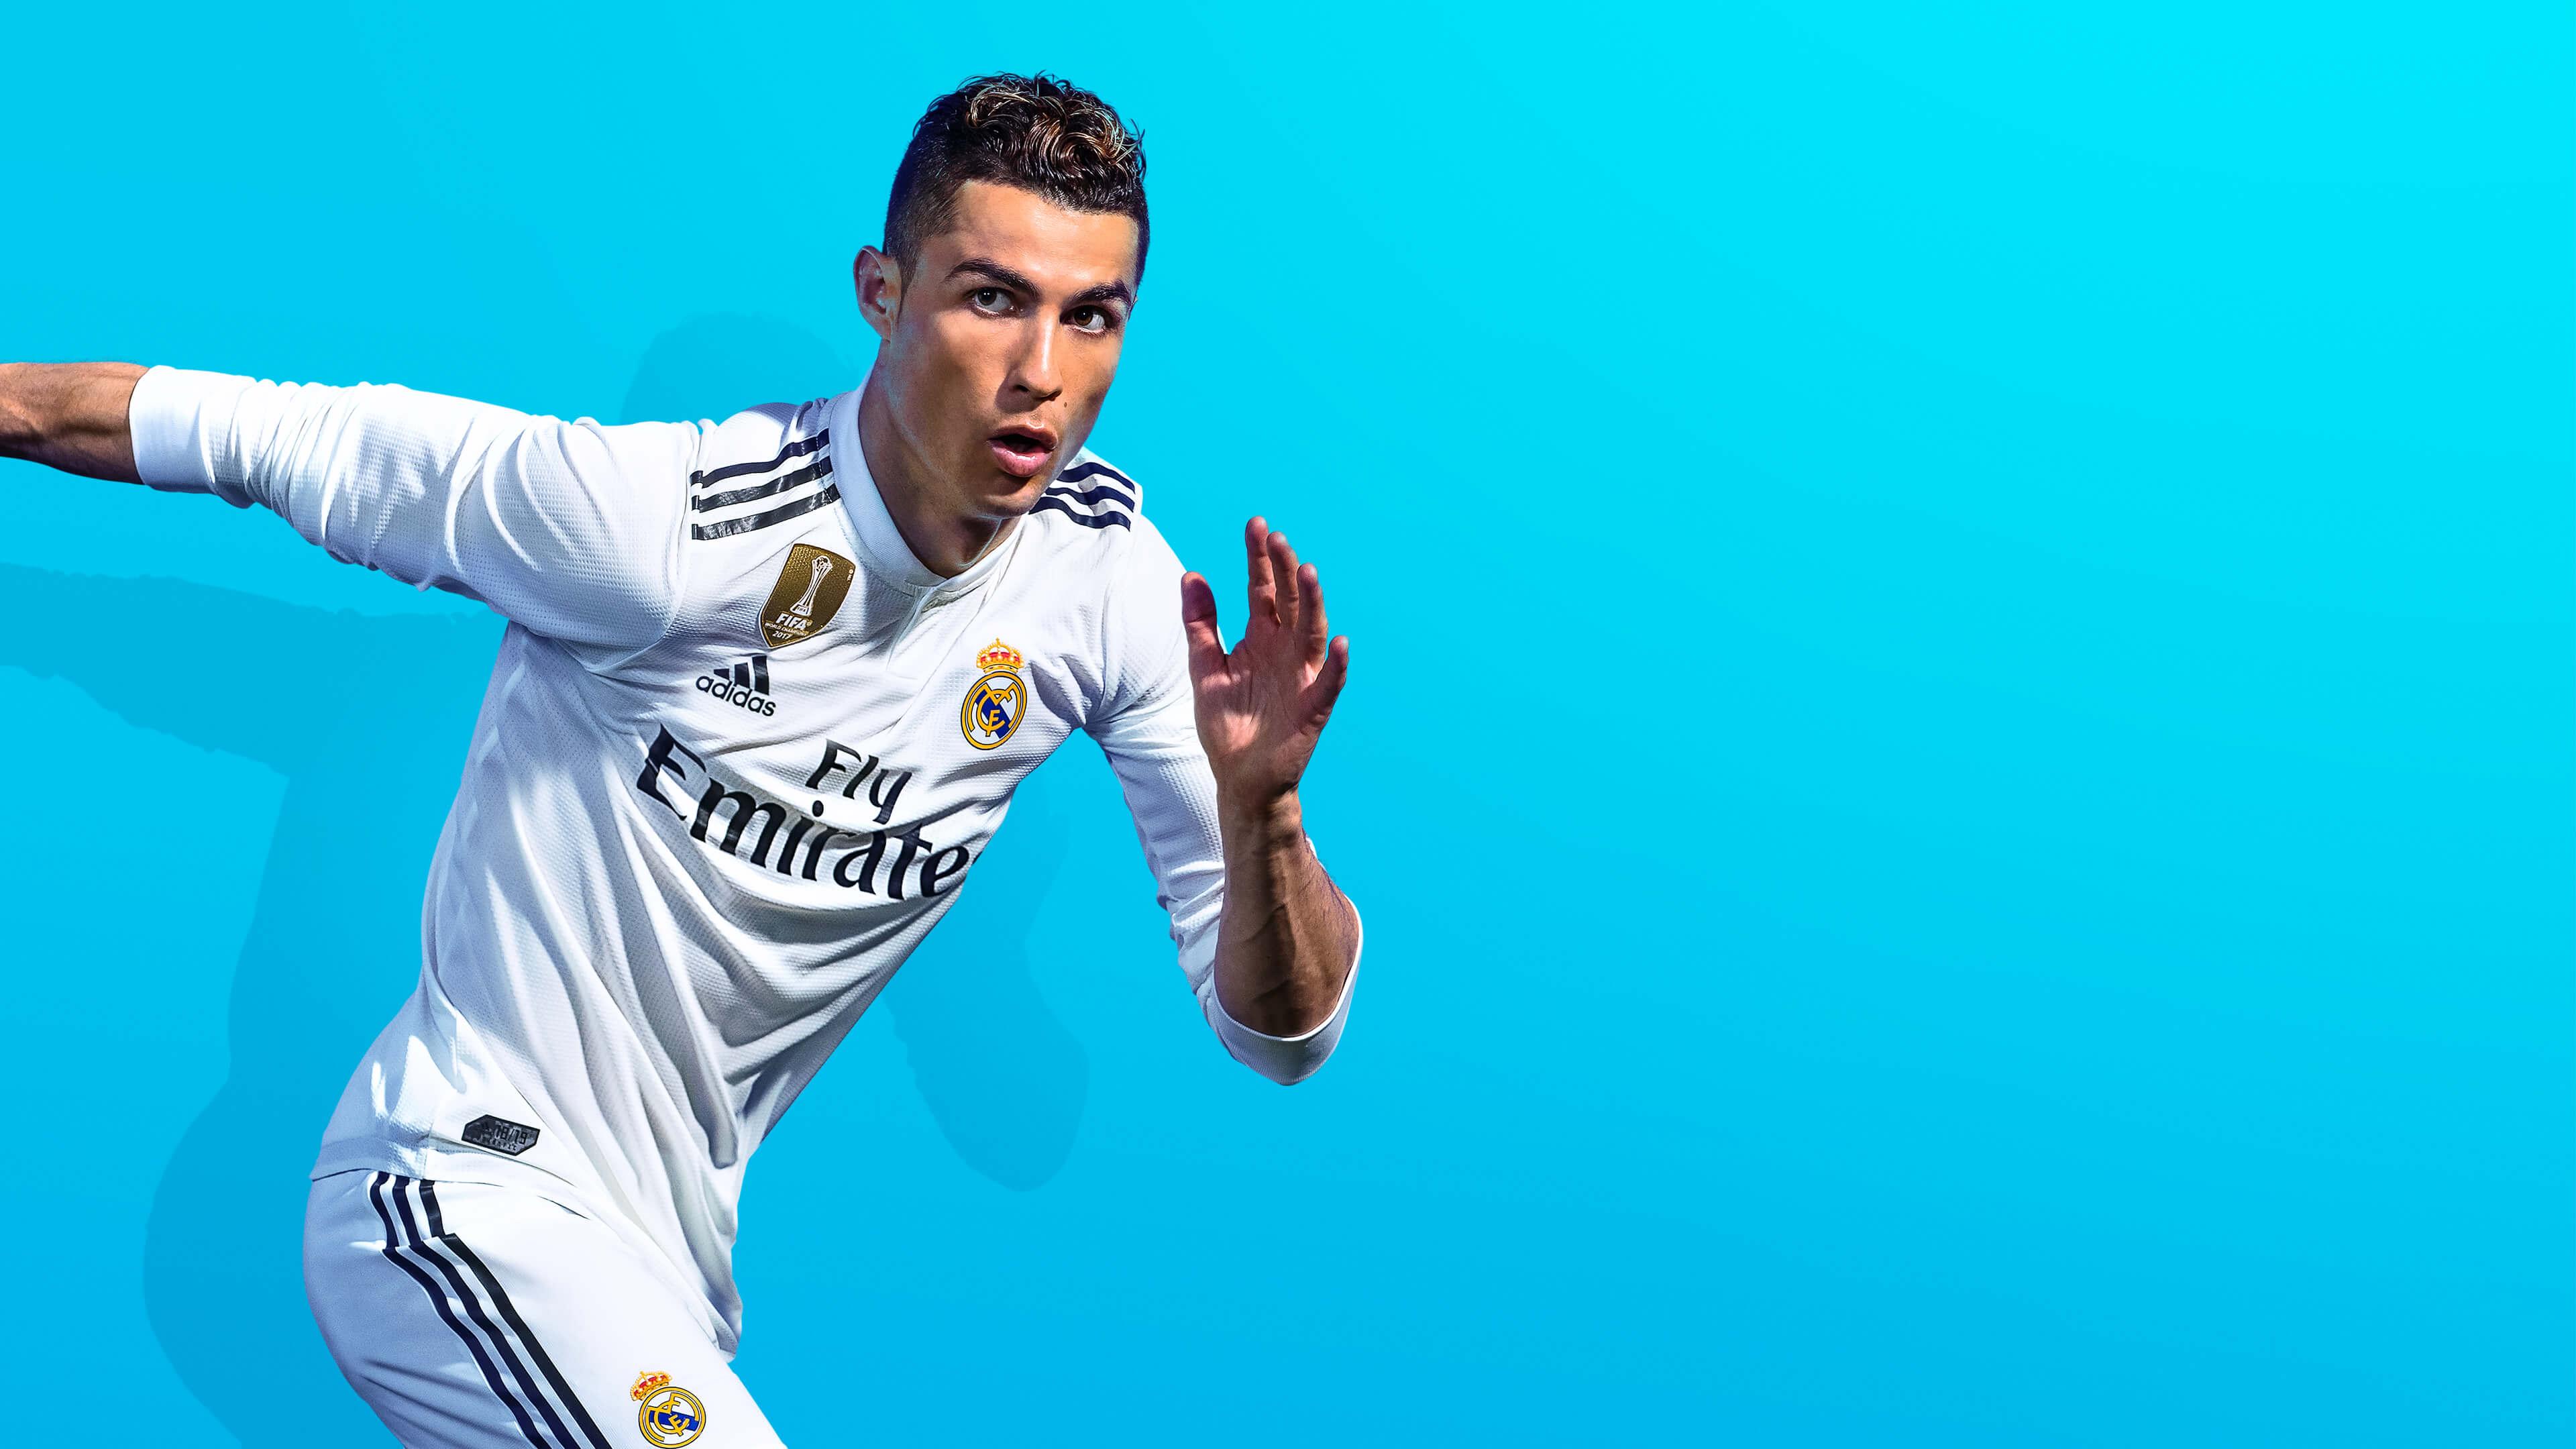 Футболист в белой экипировке с целеустремленным взглядом во время игры